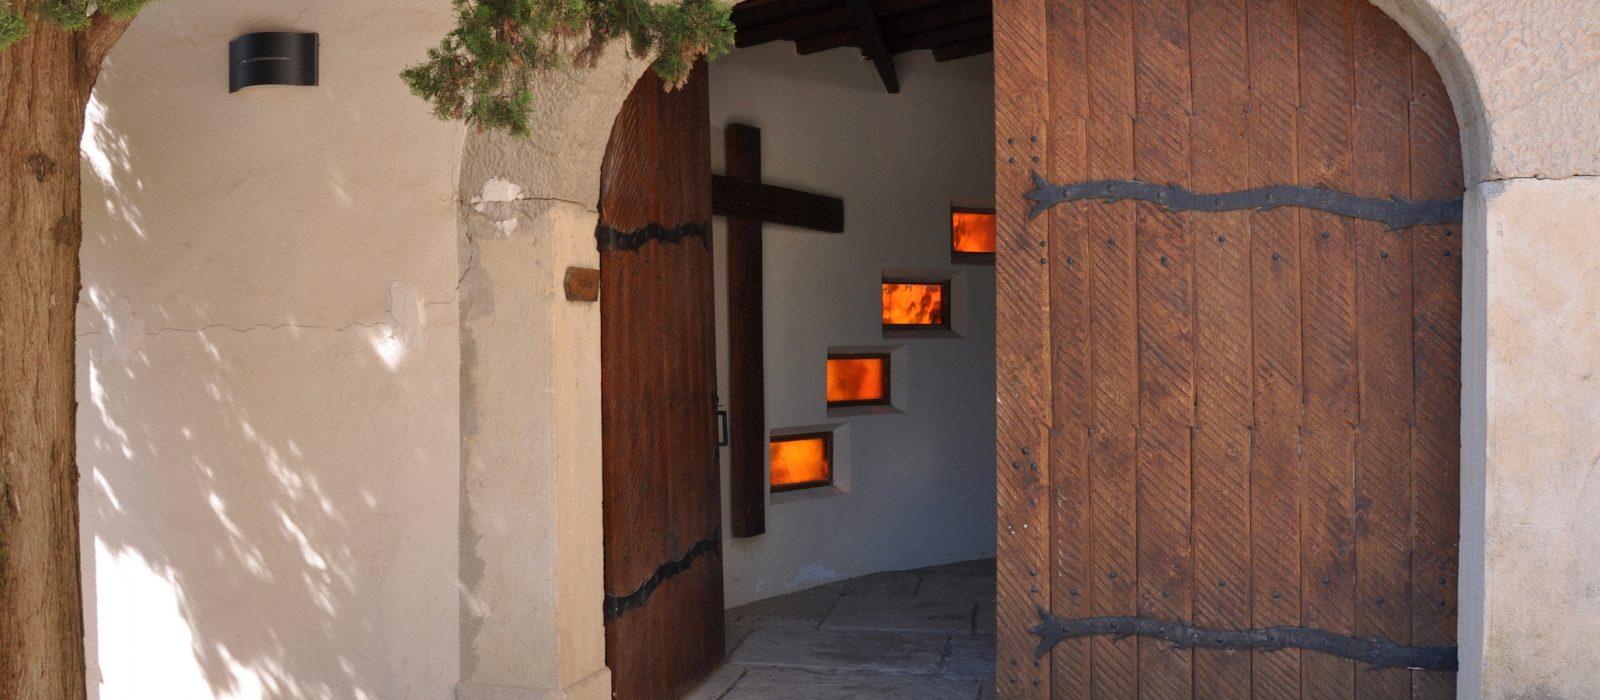 porte ouverte du monastère de Taulignan